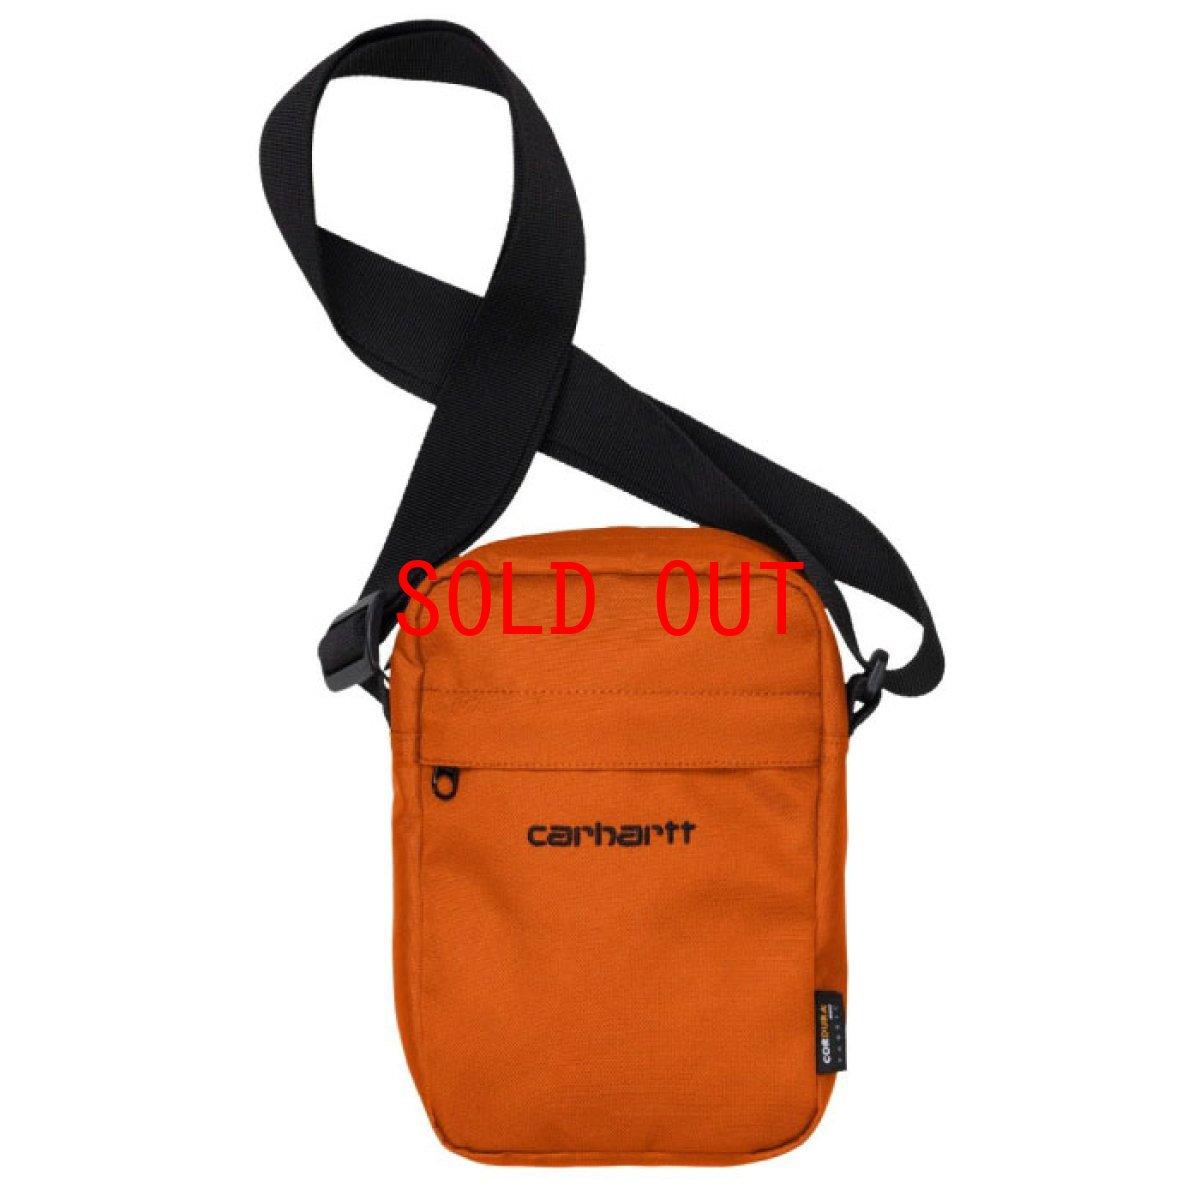 画像1: Payton Shoulder Pouch ペイトン ショルダー ポーチ Hokkaido Orange Deep Lagoon Navy Black オレンジ ネイビー ブラック (1)